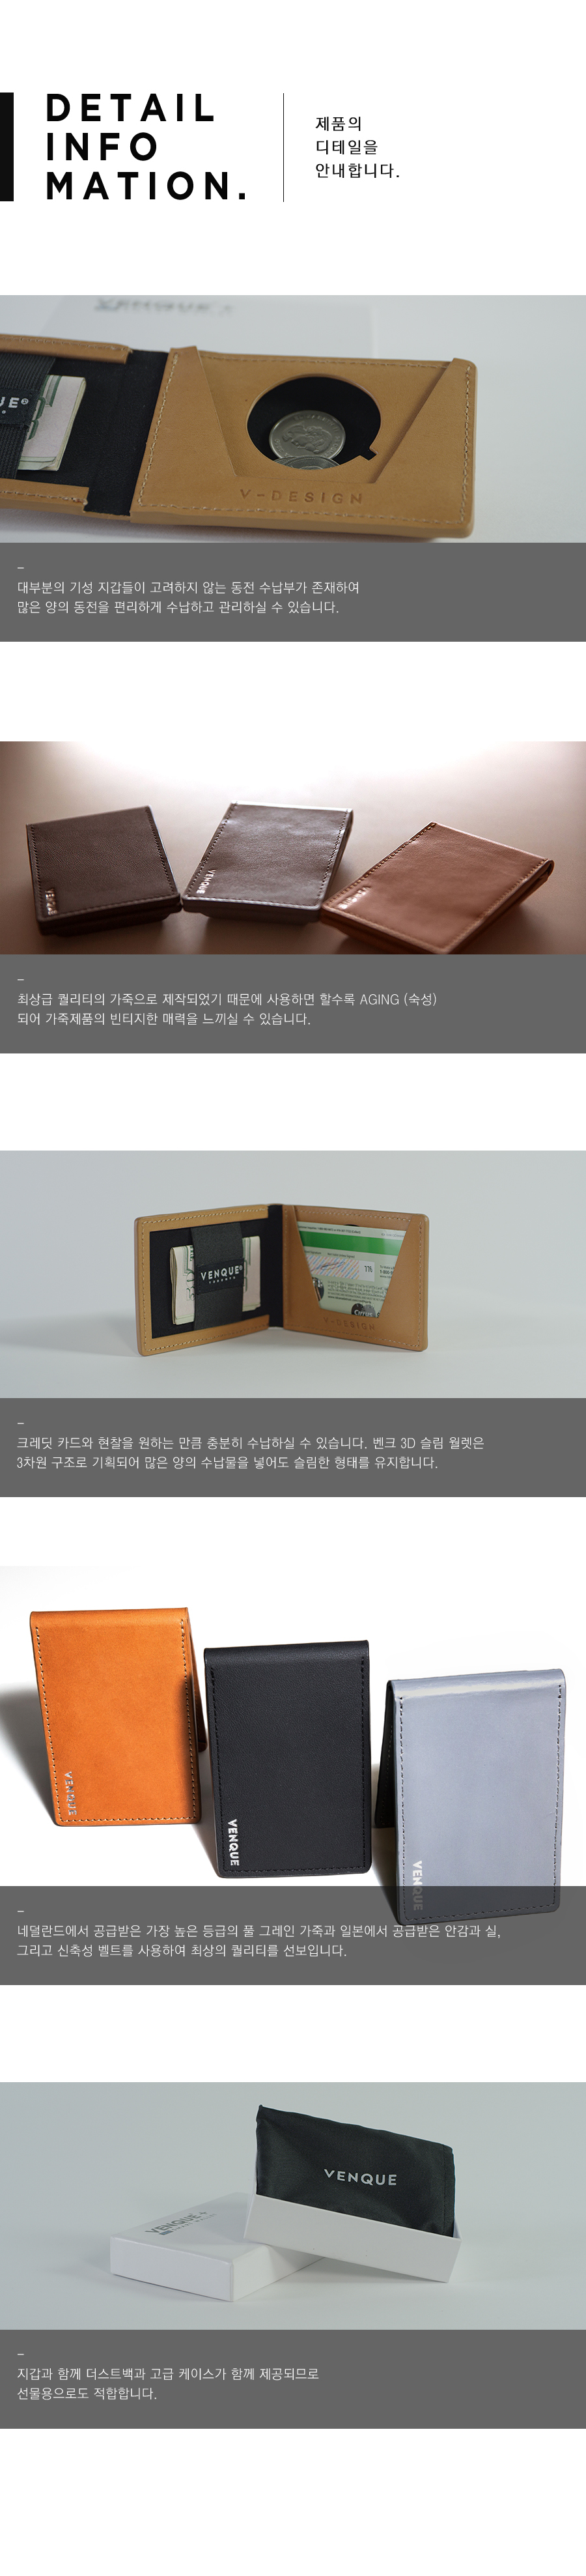 [벤크] 3D 슬림월렛 스페이스그레이 - 벤크, 108,000원, 남성지갑, 반지갑